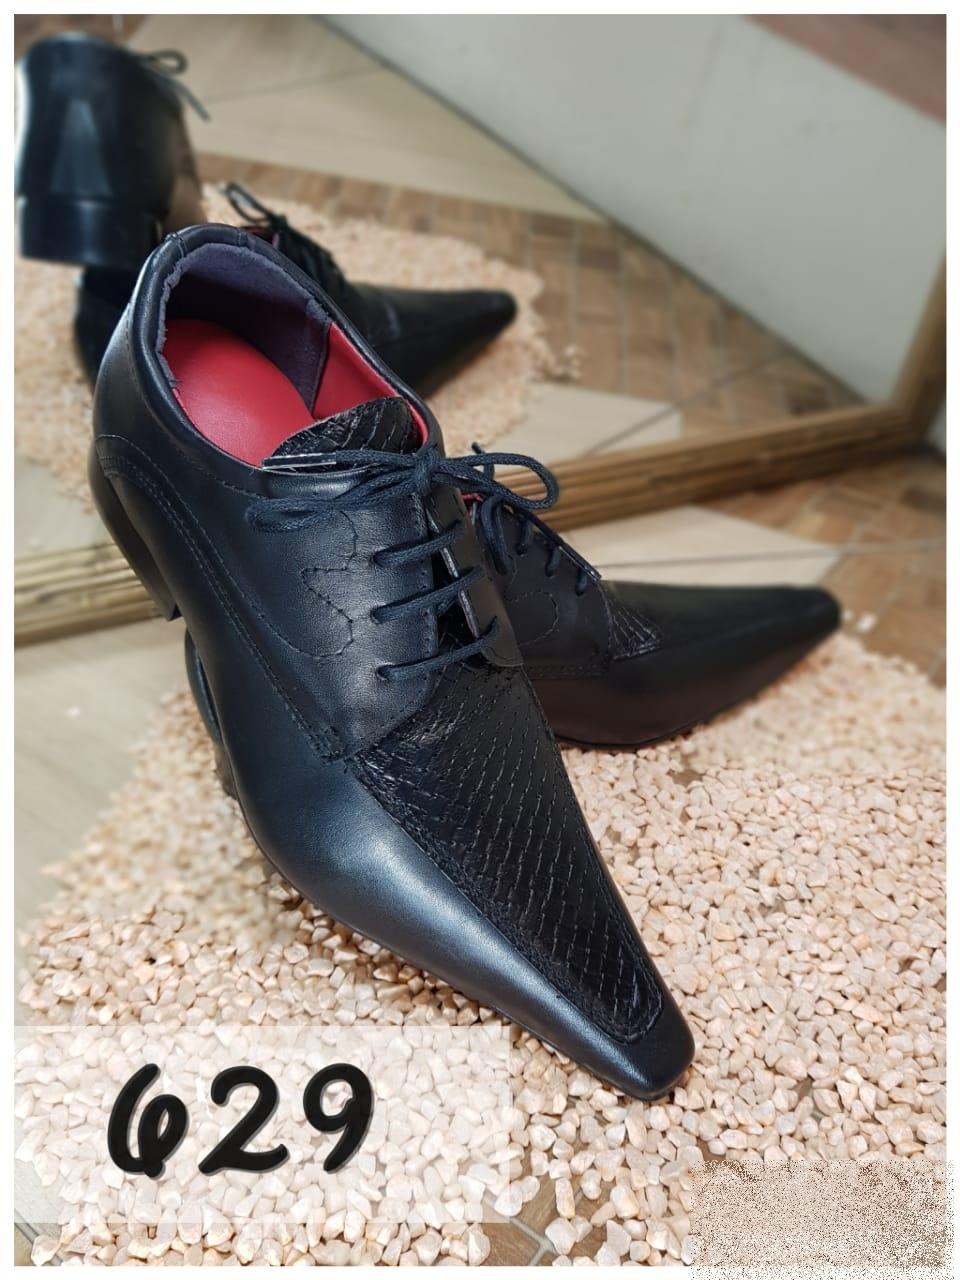 cb01b5df61 Sapatos social clássico em preto com bico fino 629 – ITA Comfort